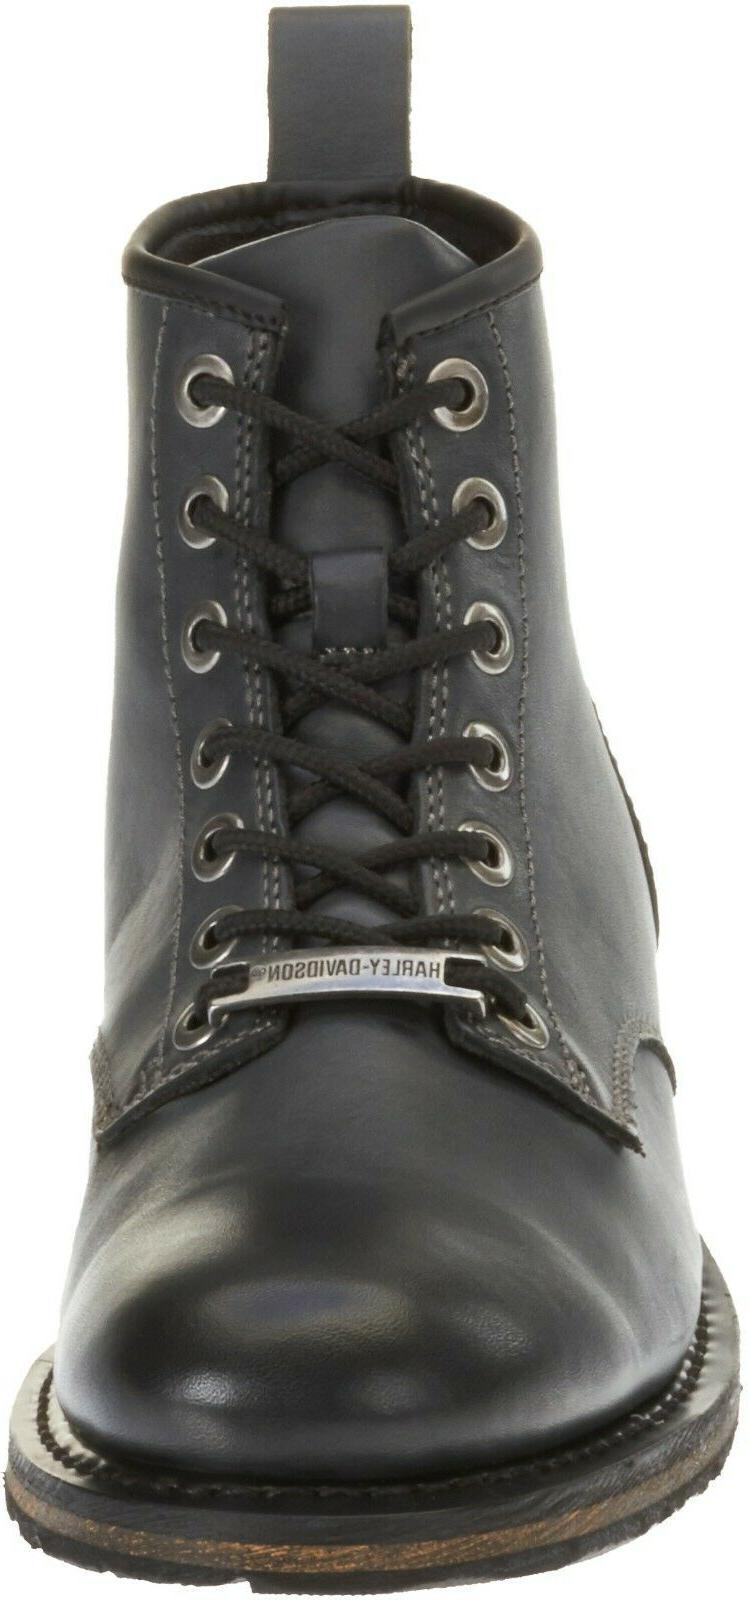 Harley-Davidson® Men's Motorcycle Boot